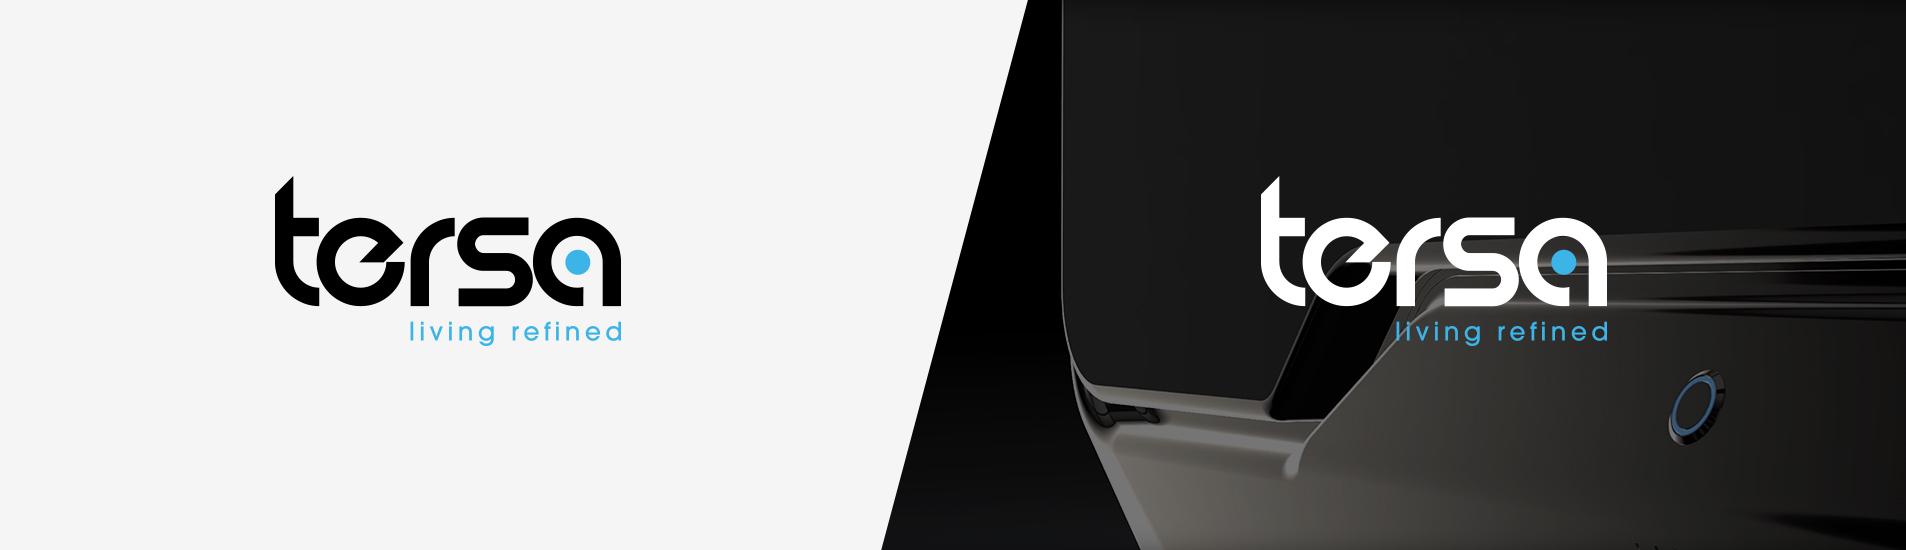 tersa website branding and design